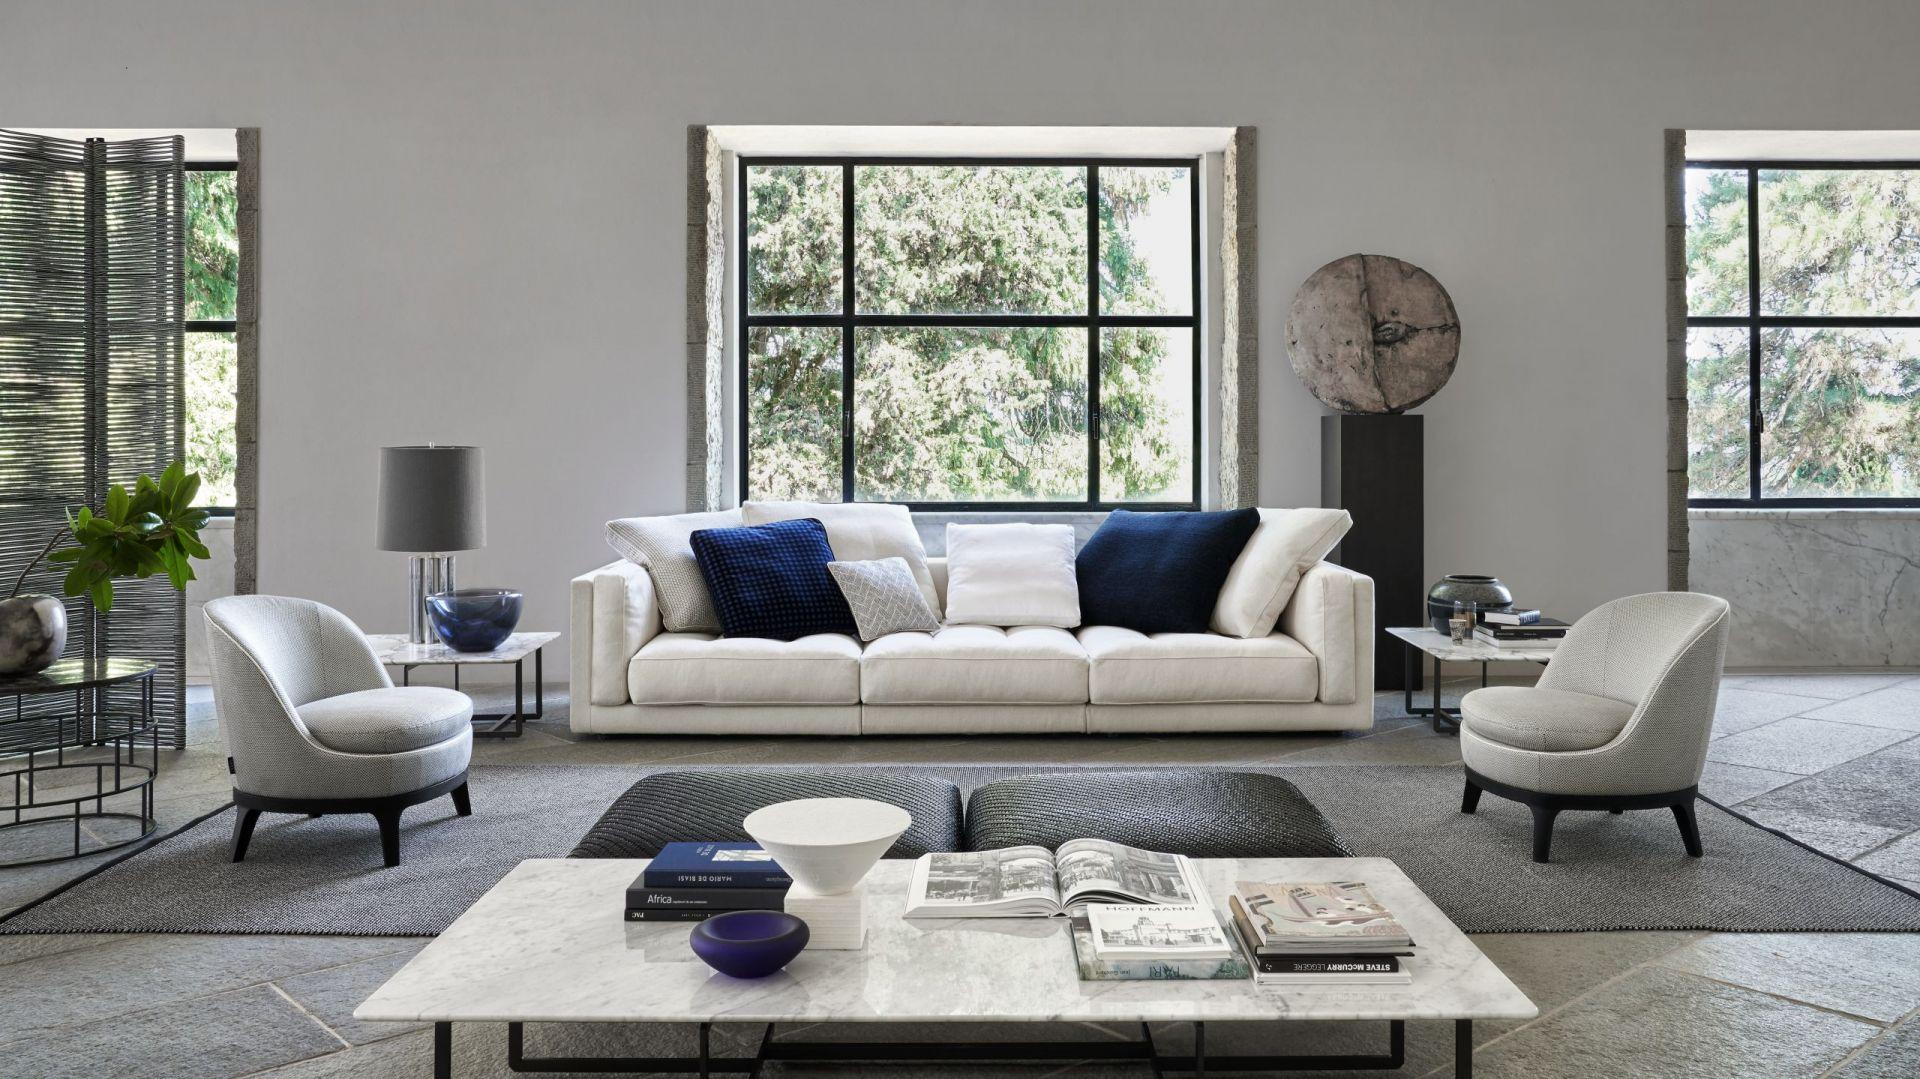 Sofa Lucien z kolekcji Mood - komfort wypoczynku gwarantują miękkie siedziska i poduchy. Fot. Flexform /Mood Design